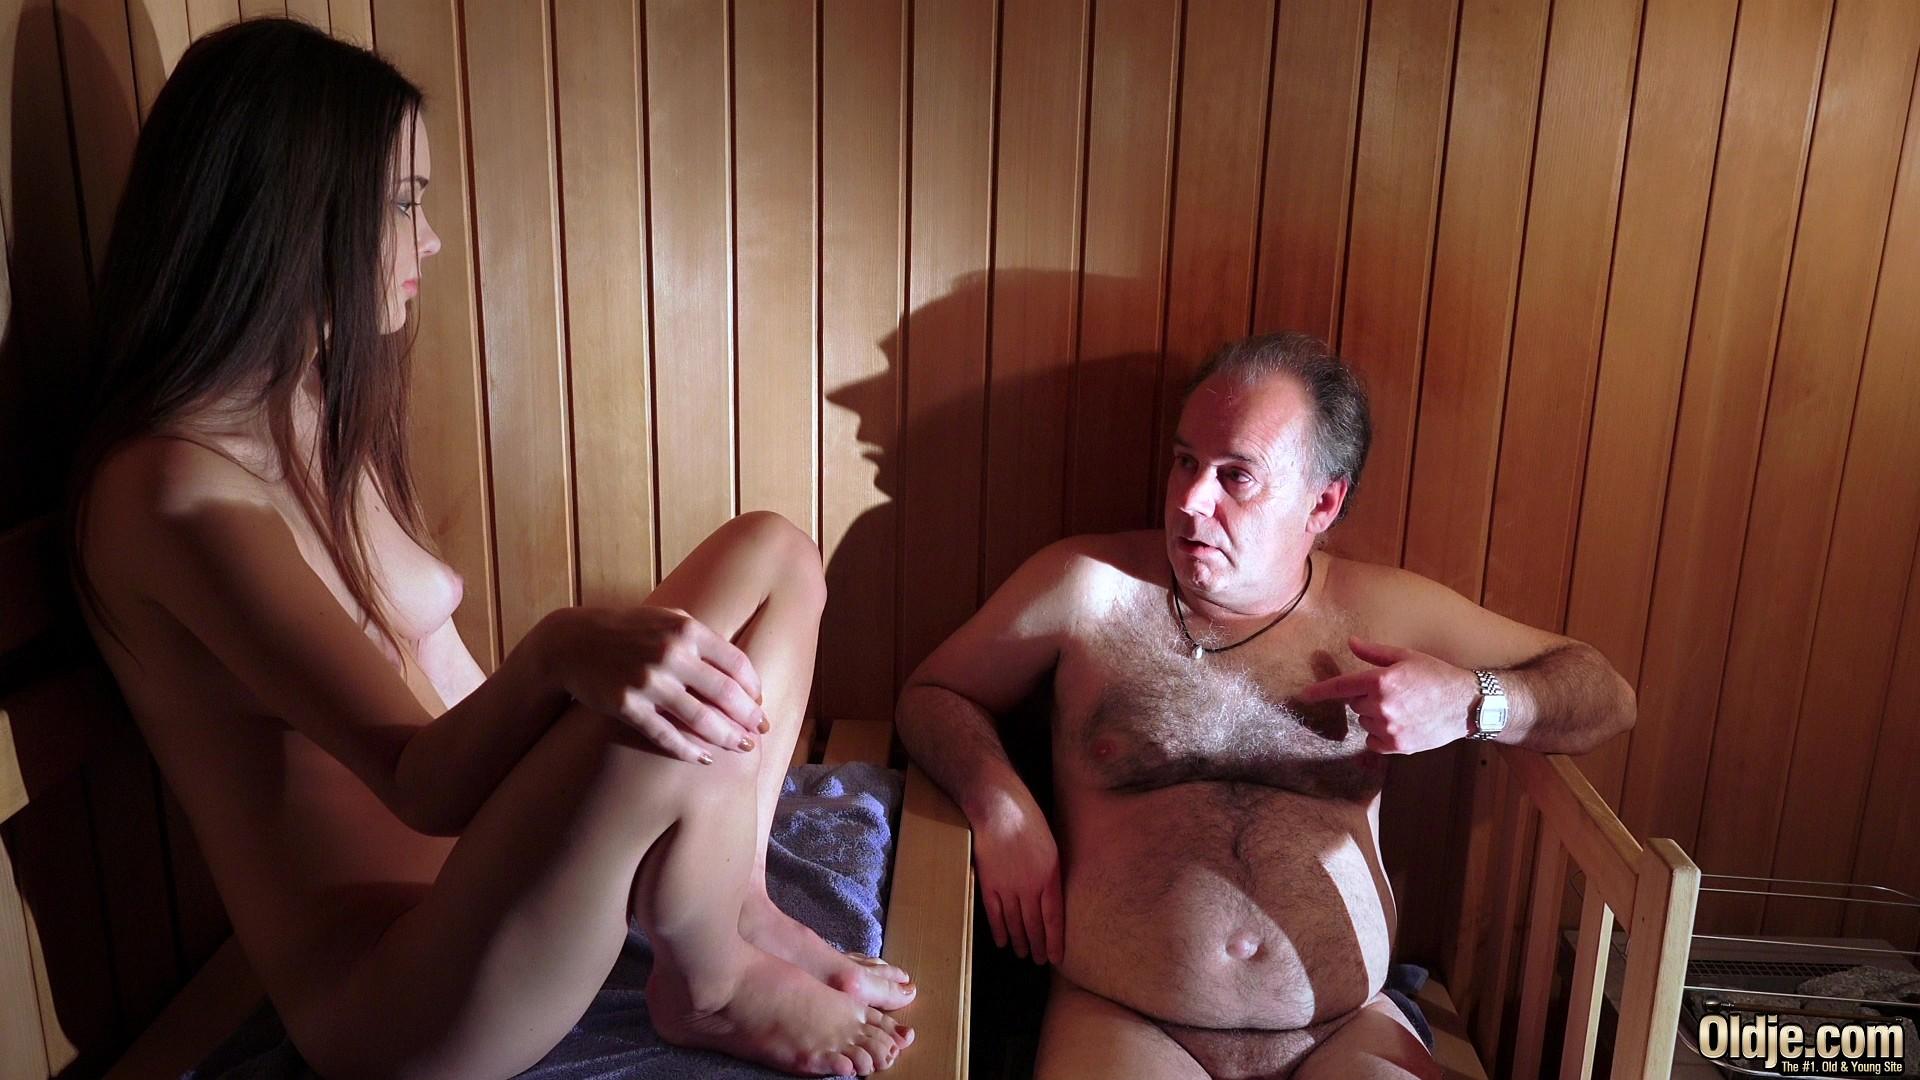 Молодая проститутка ебется в сауне с пожилым мужчиной